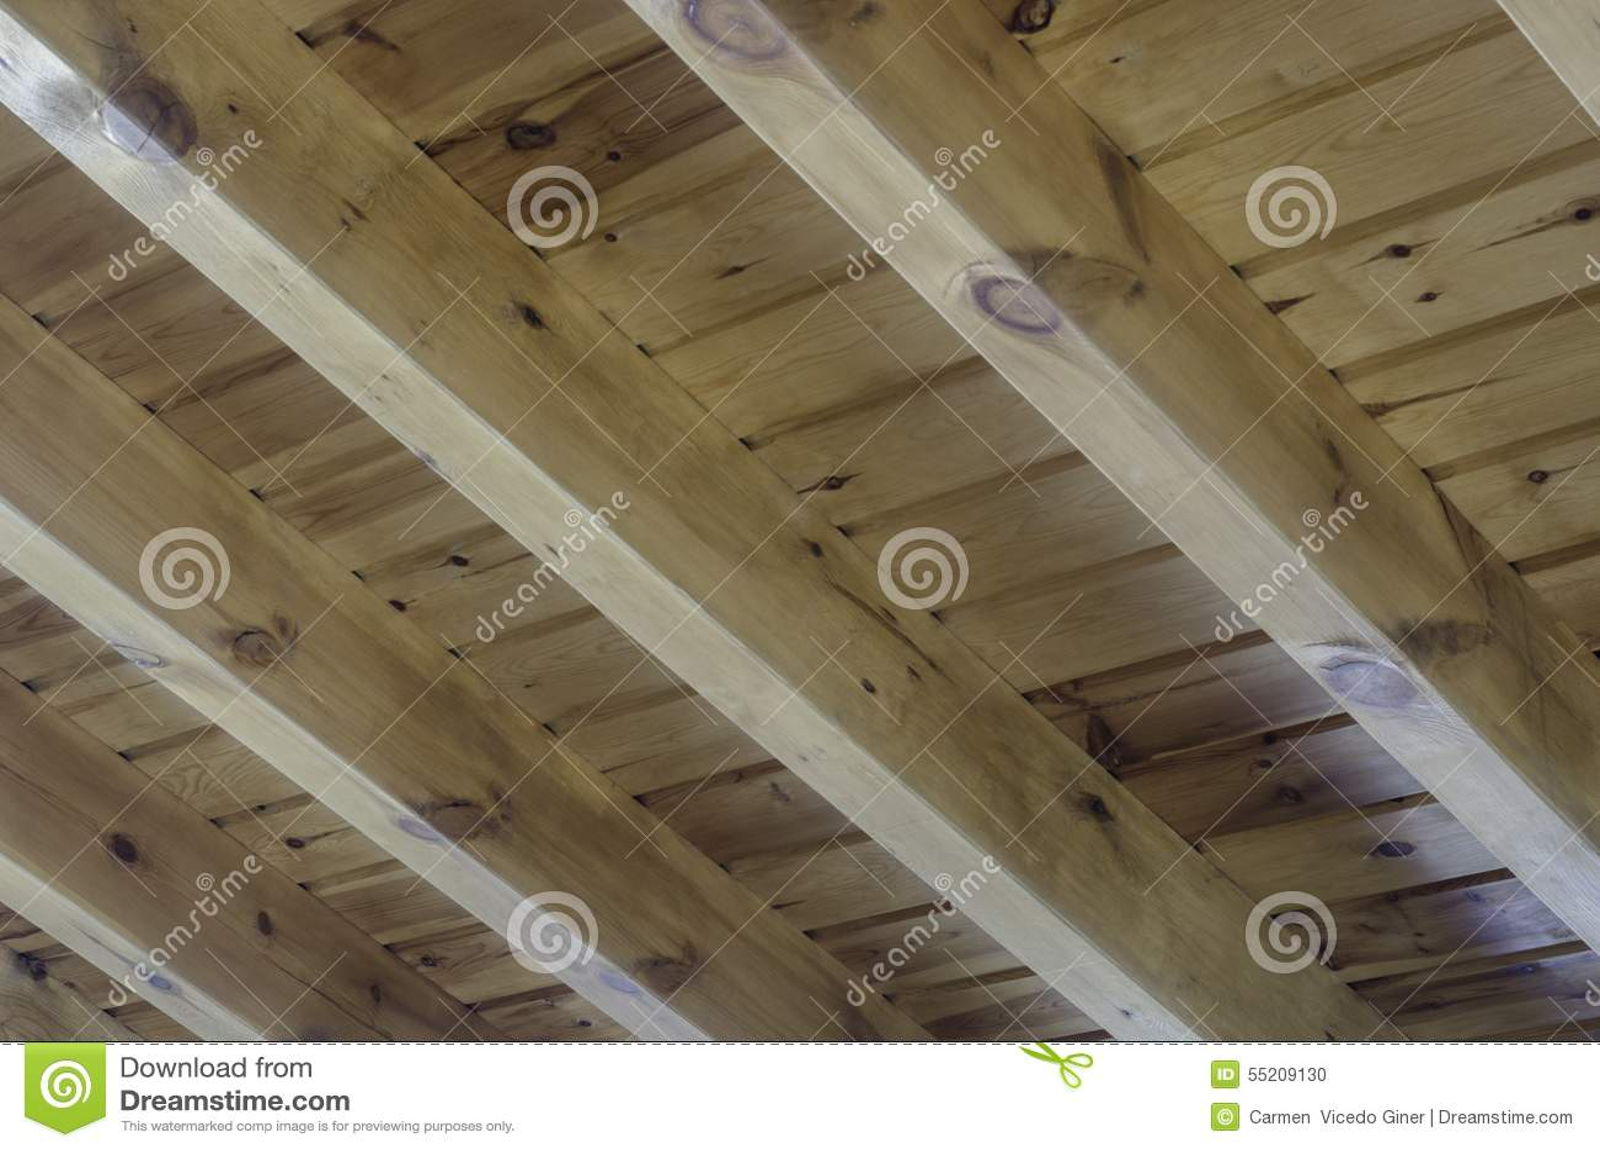 Vista interior de una estructura de tejado de madera foto - Estructura tejado madera ...